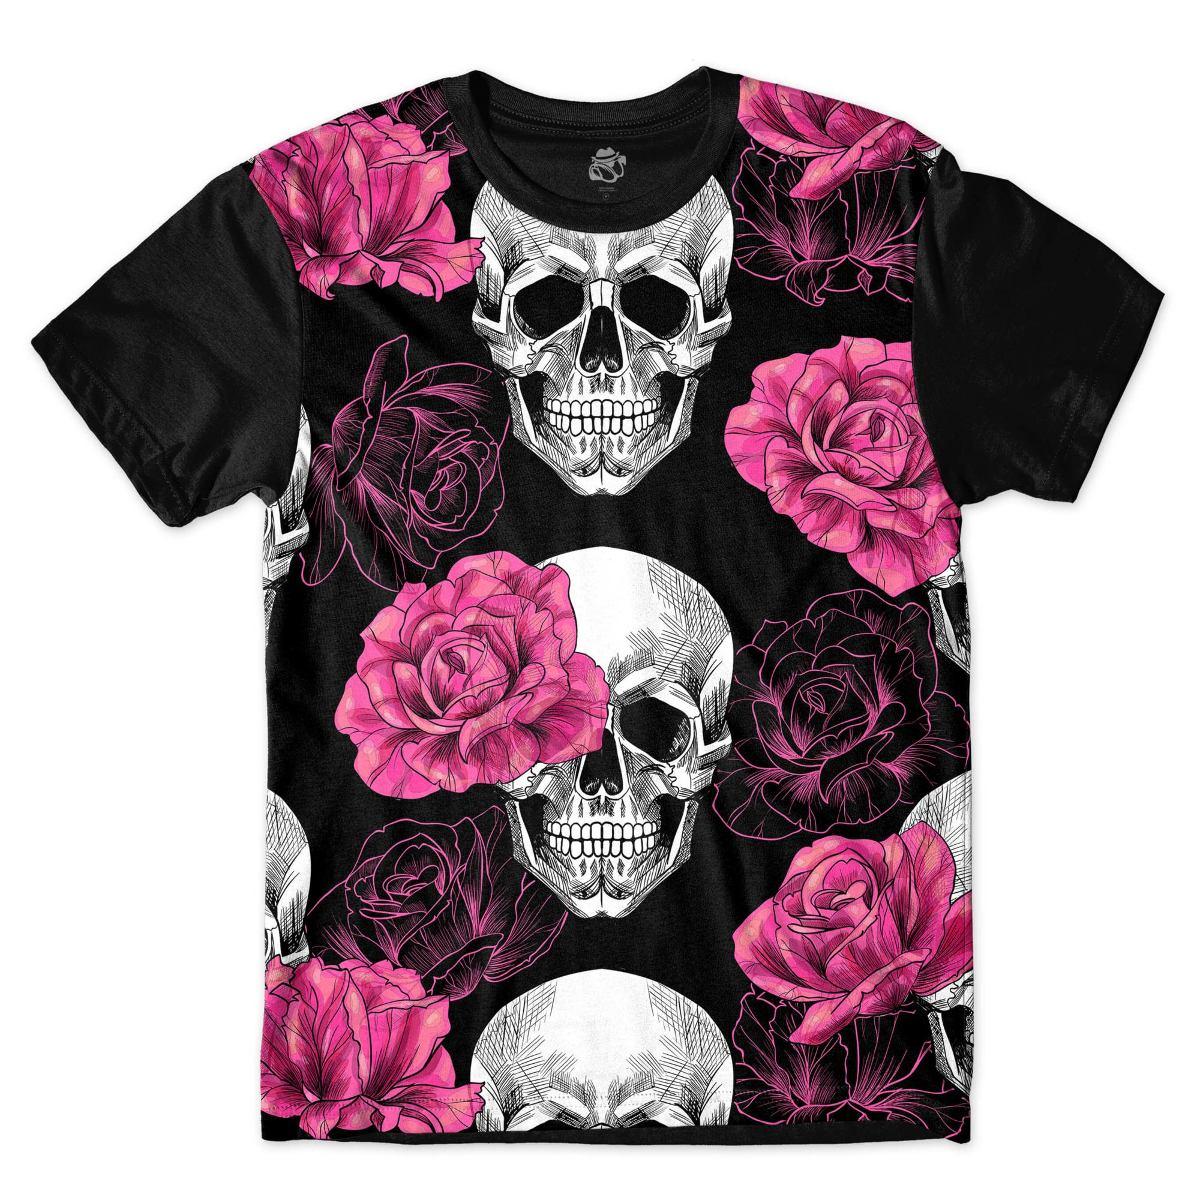 camisa camiseta blusa caveira rosas rock flores skull. Carregando zoom. 001c909b63e